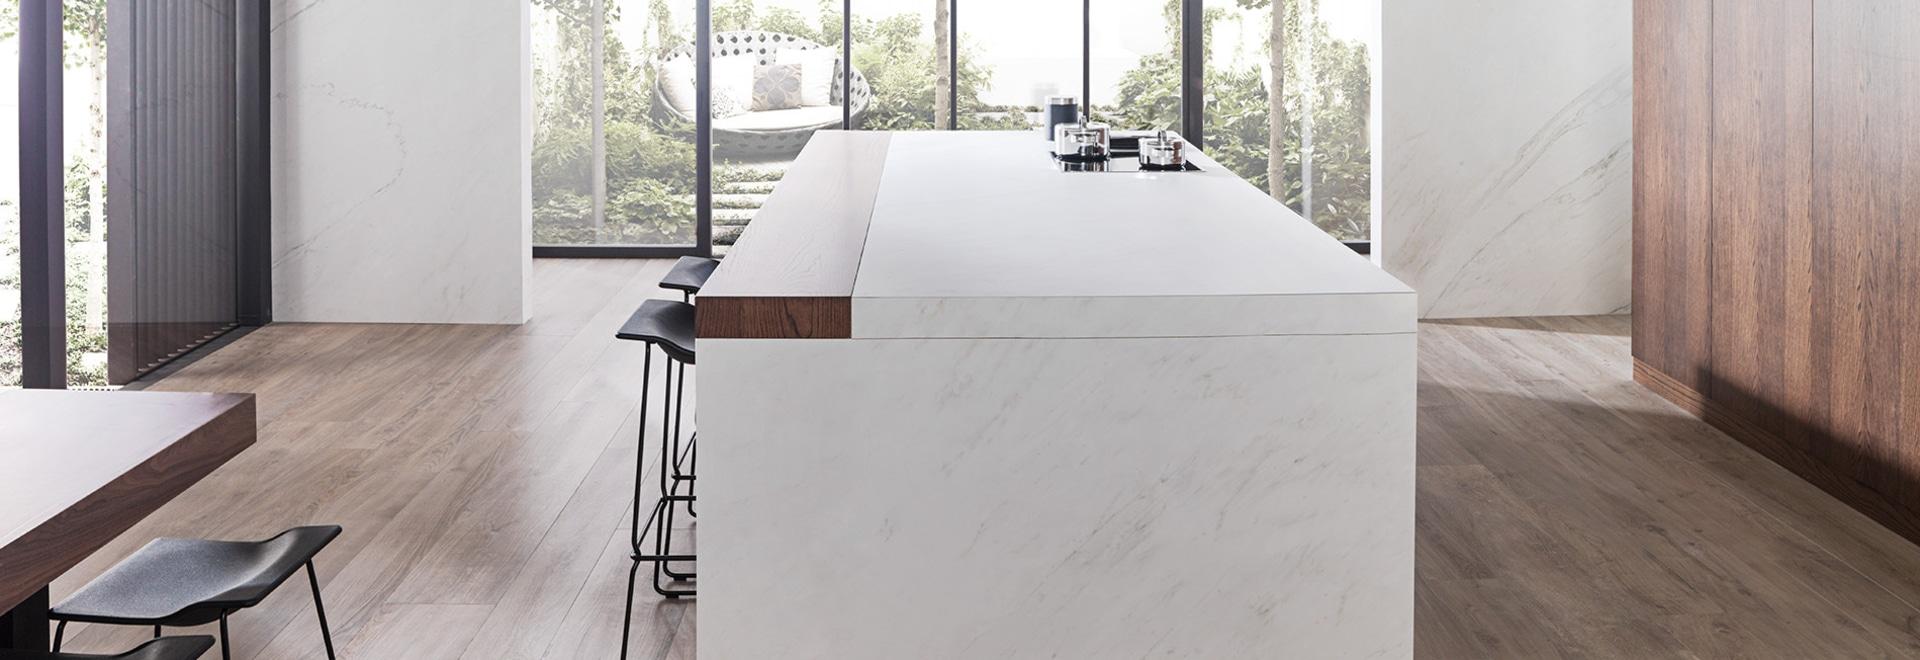 L'autenticity tuiles de porcelaine de PAR-KER® et de XLIGHT de grand format